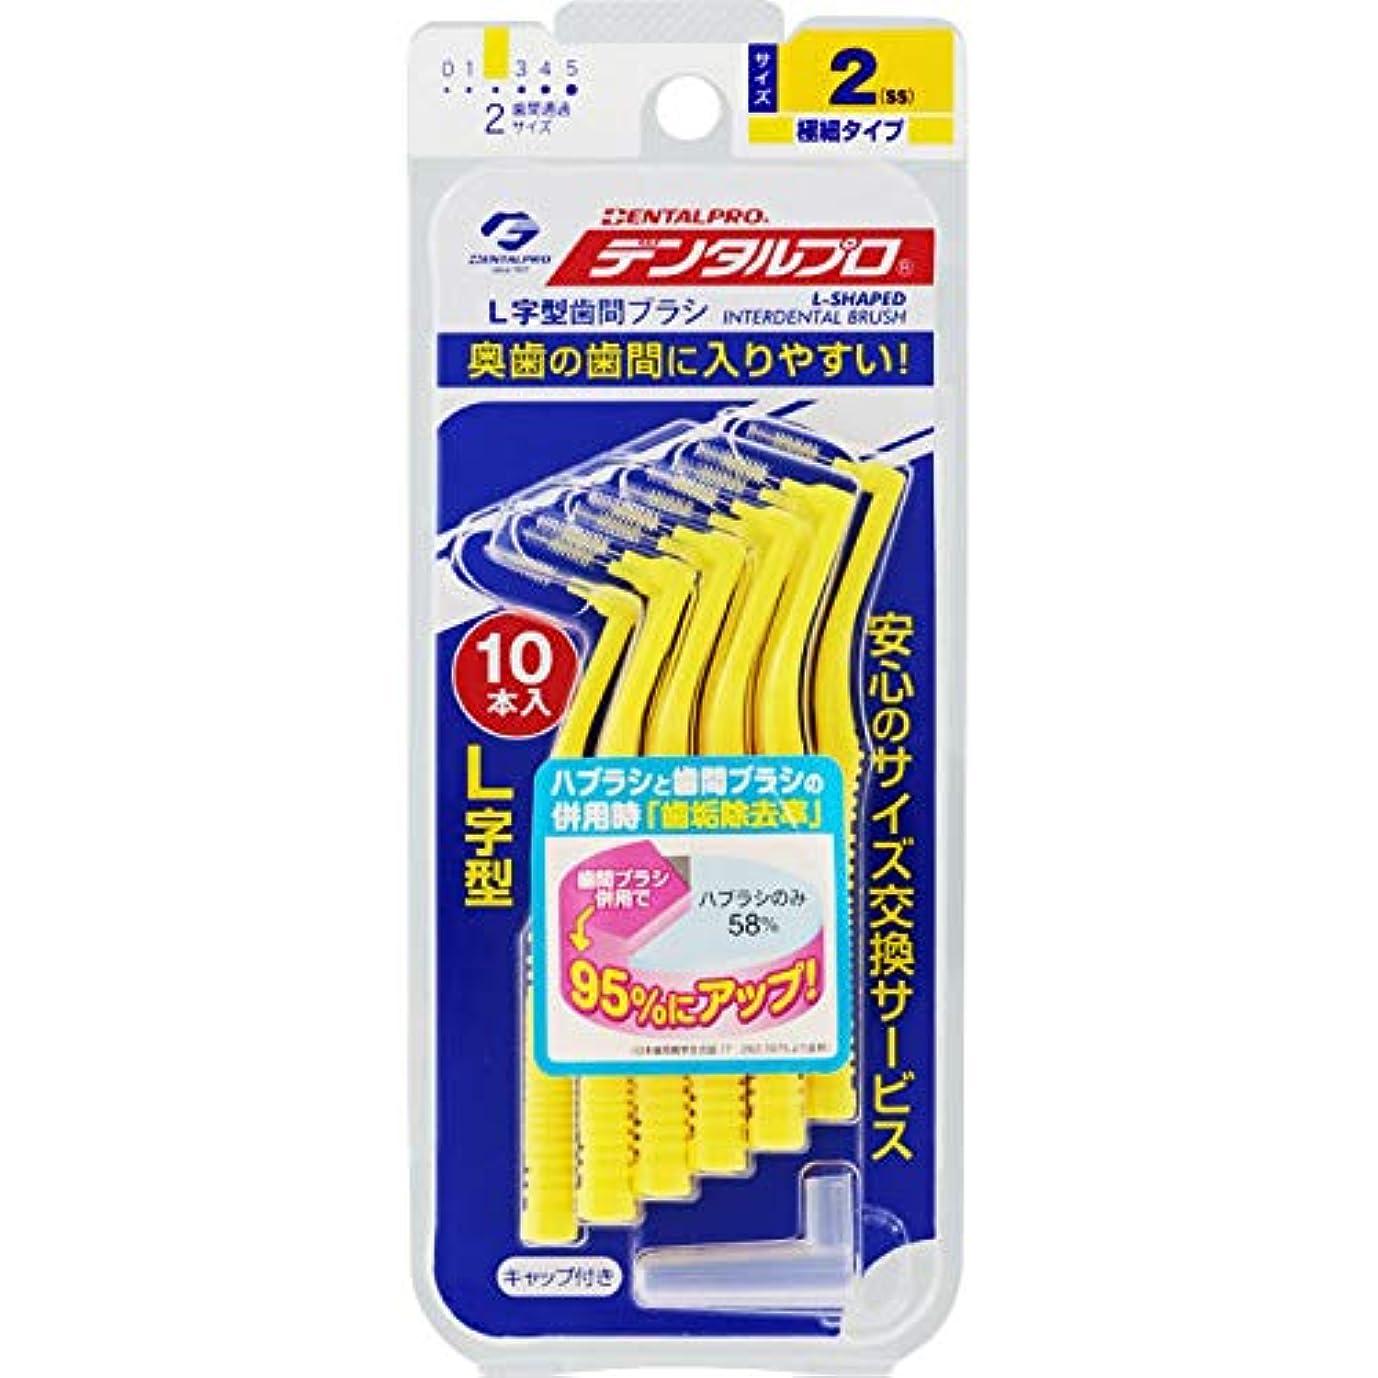 支配的光のテンションジャックス デンタルプロ 歯間ブラシ<L字型> サイズ2(SS) イエロー 10本